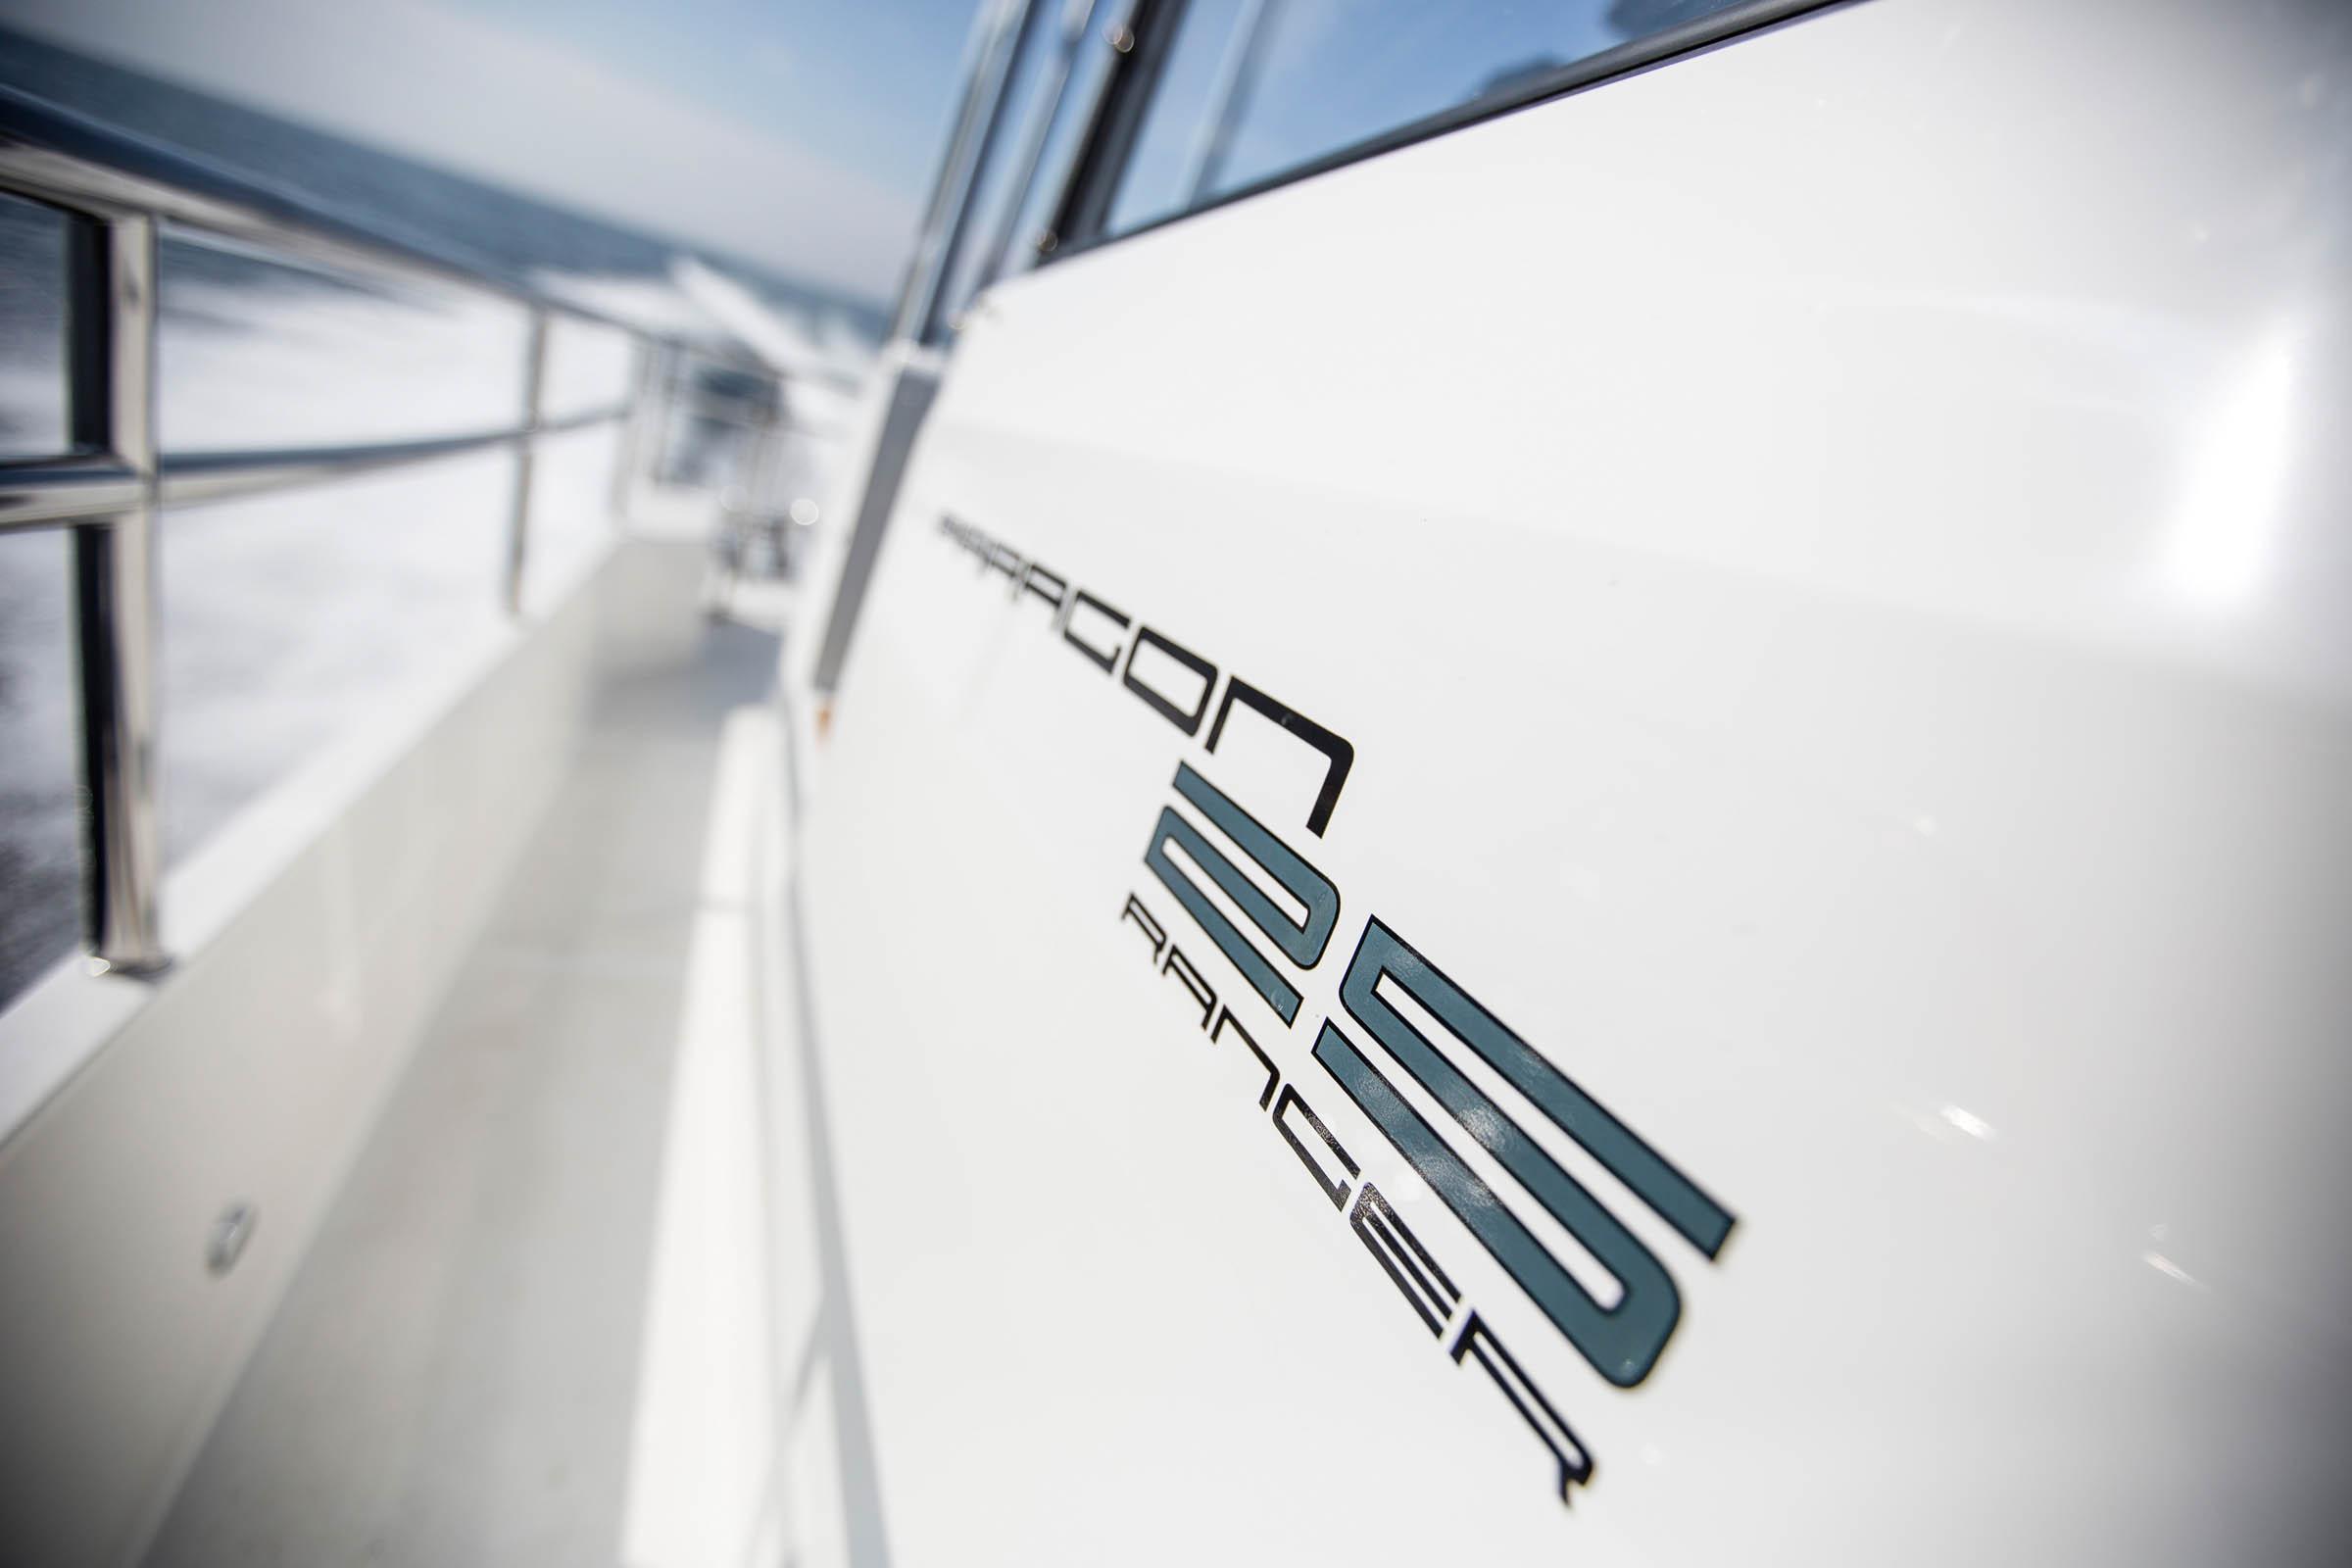 Paragon 25 Ranger logo on a boat